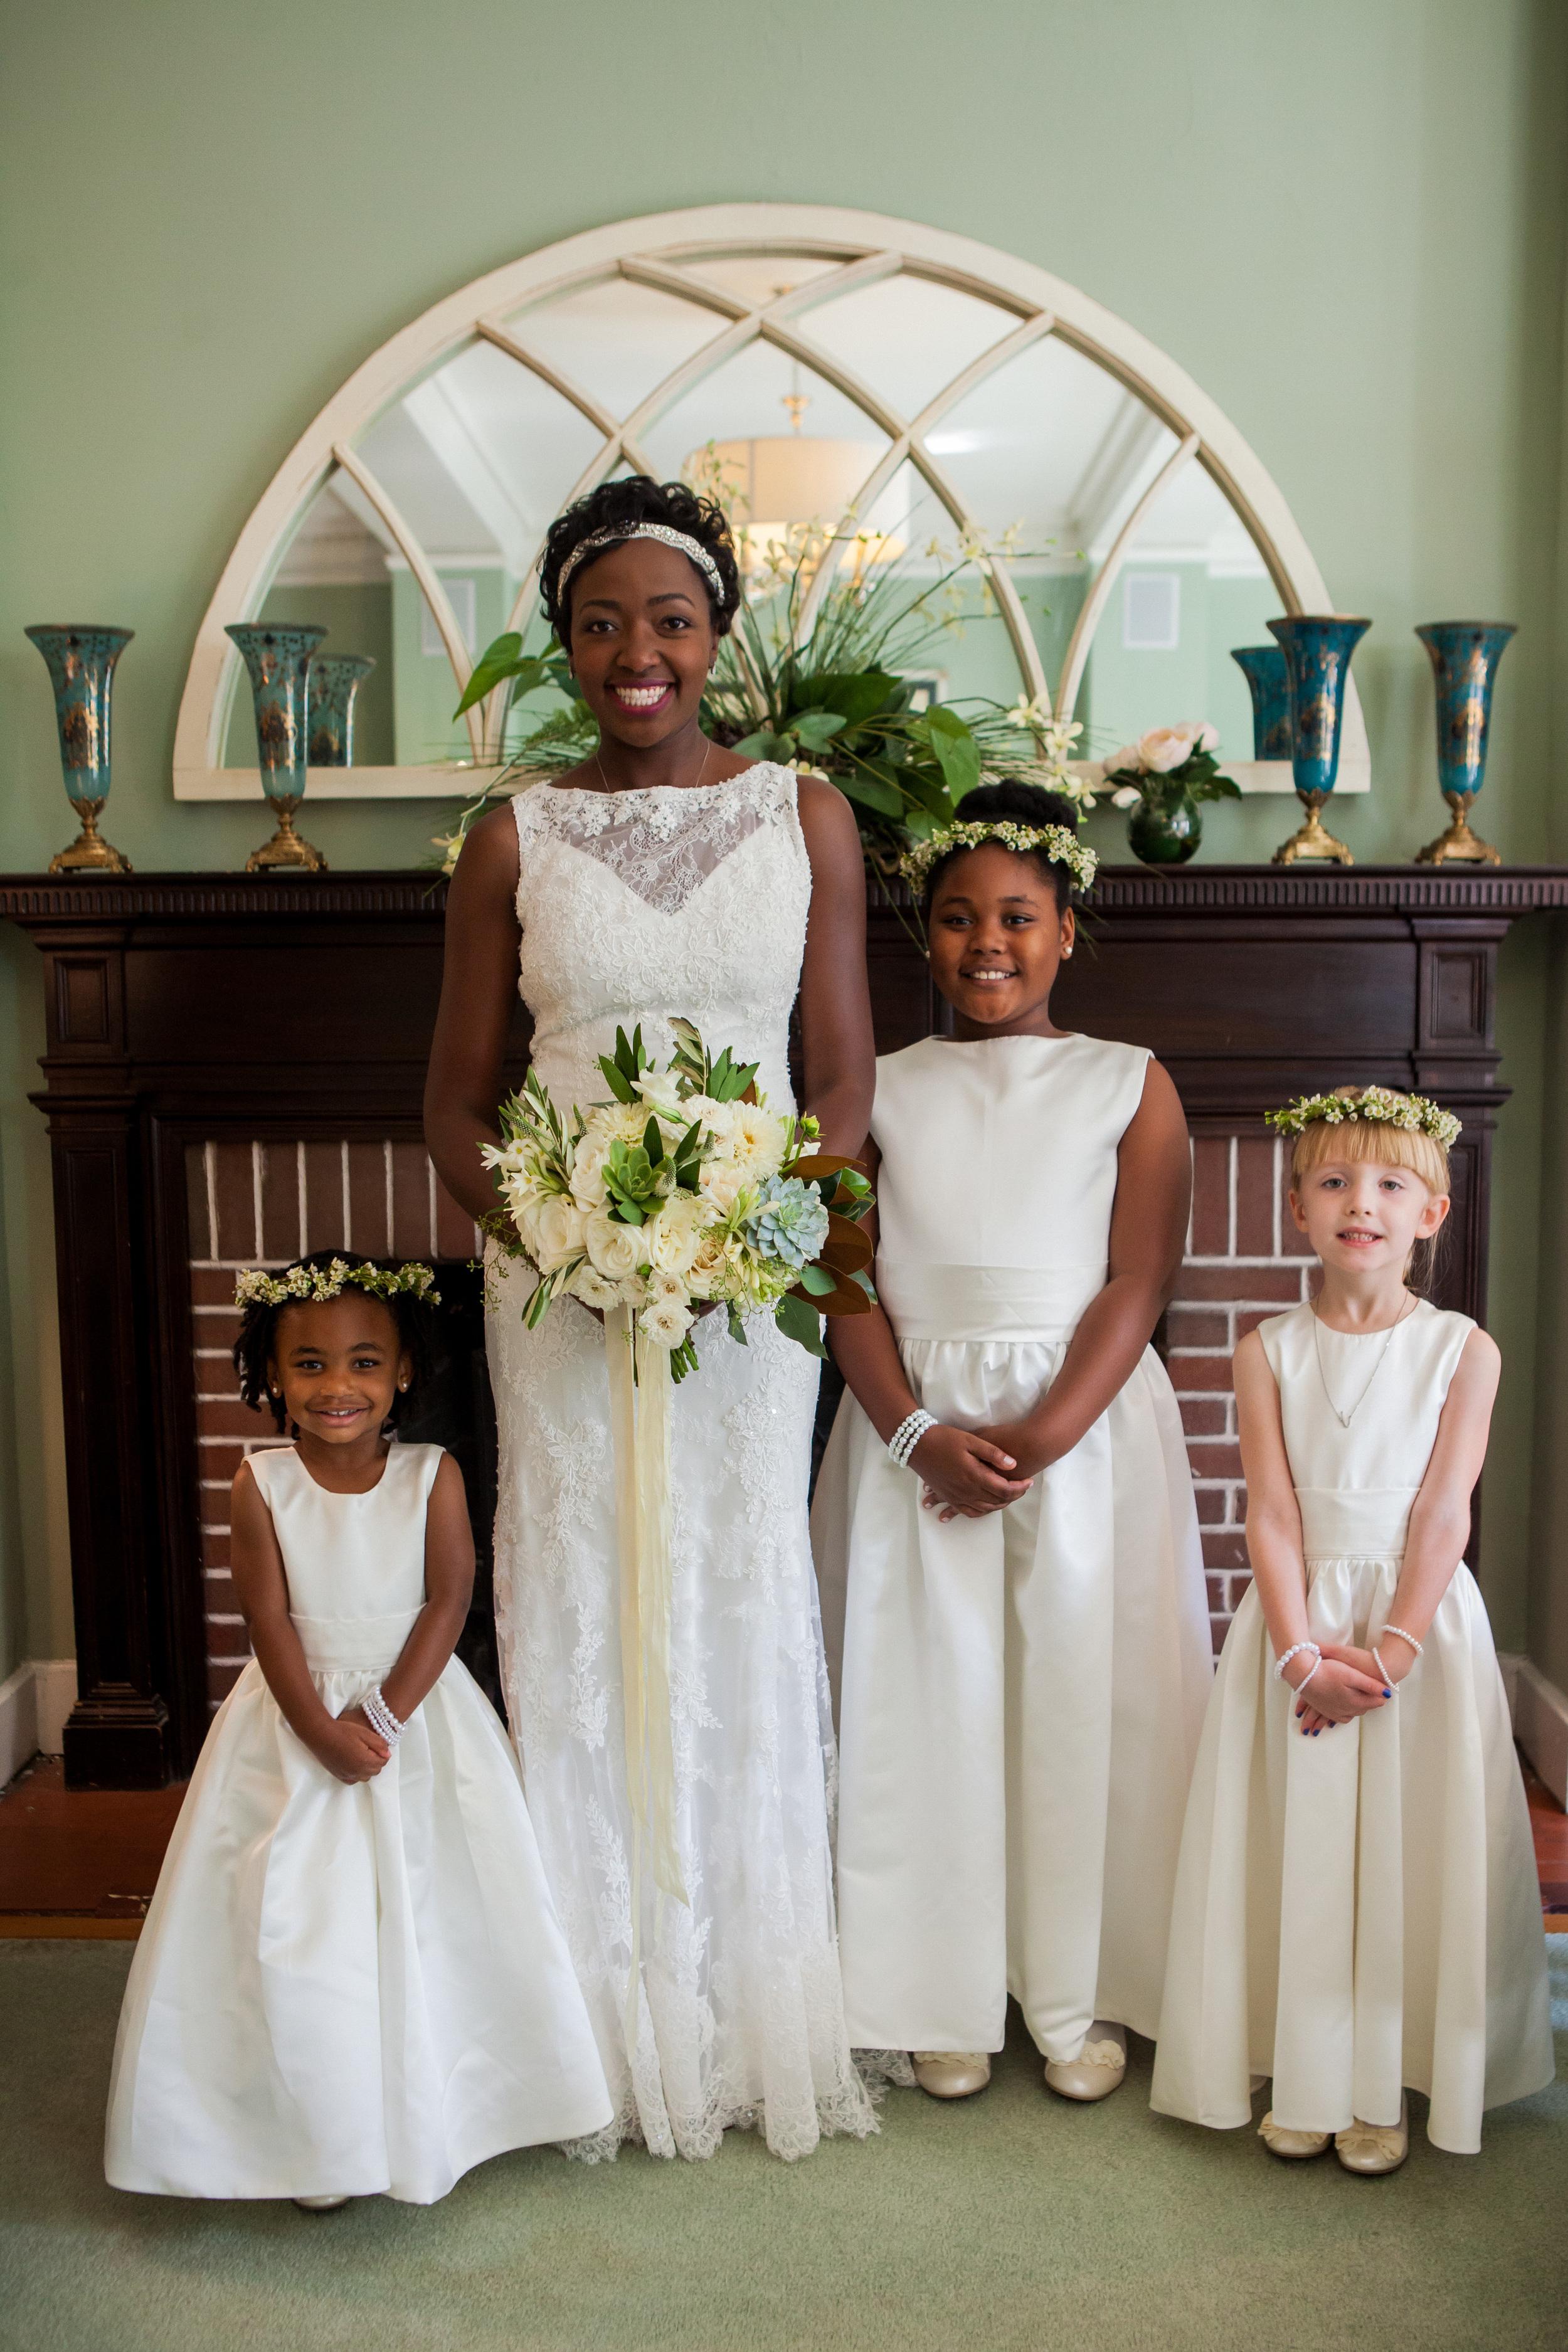 ashley_john-wedding-080815-145.jpg